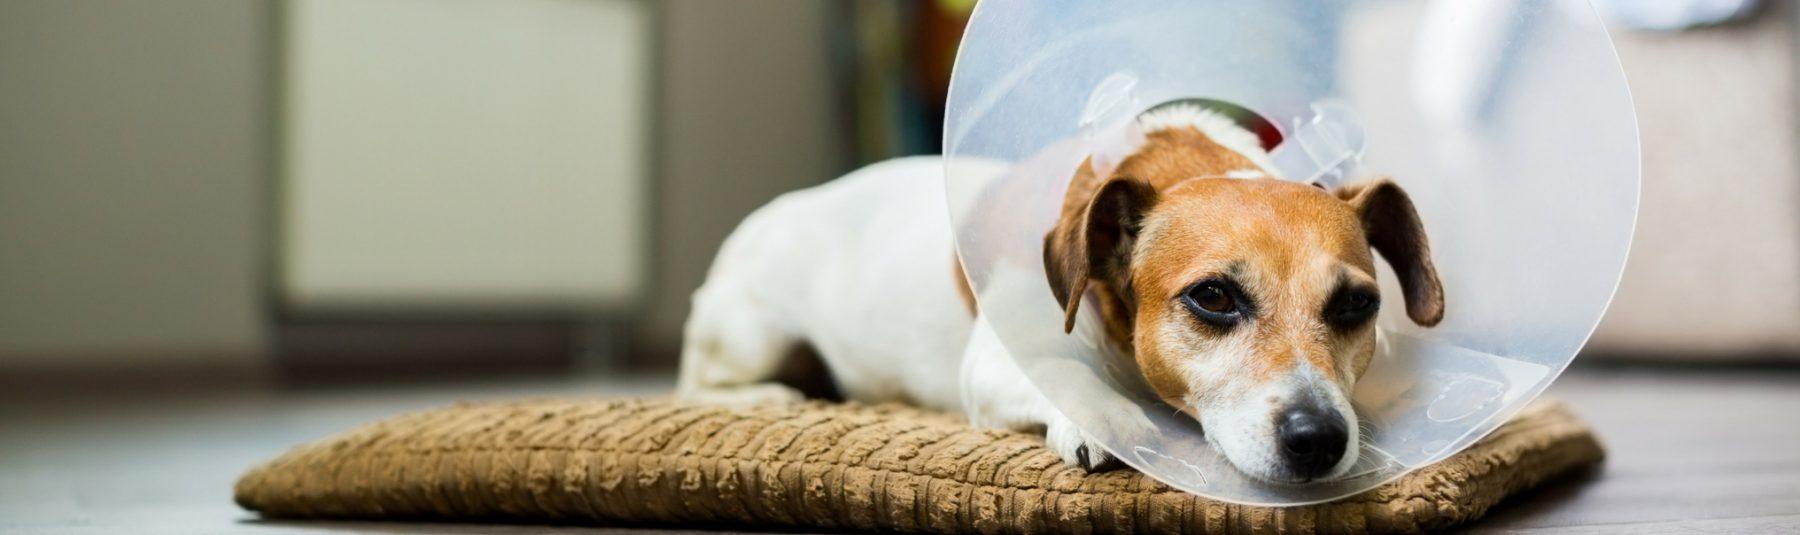 dog-spay